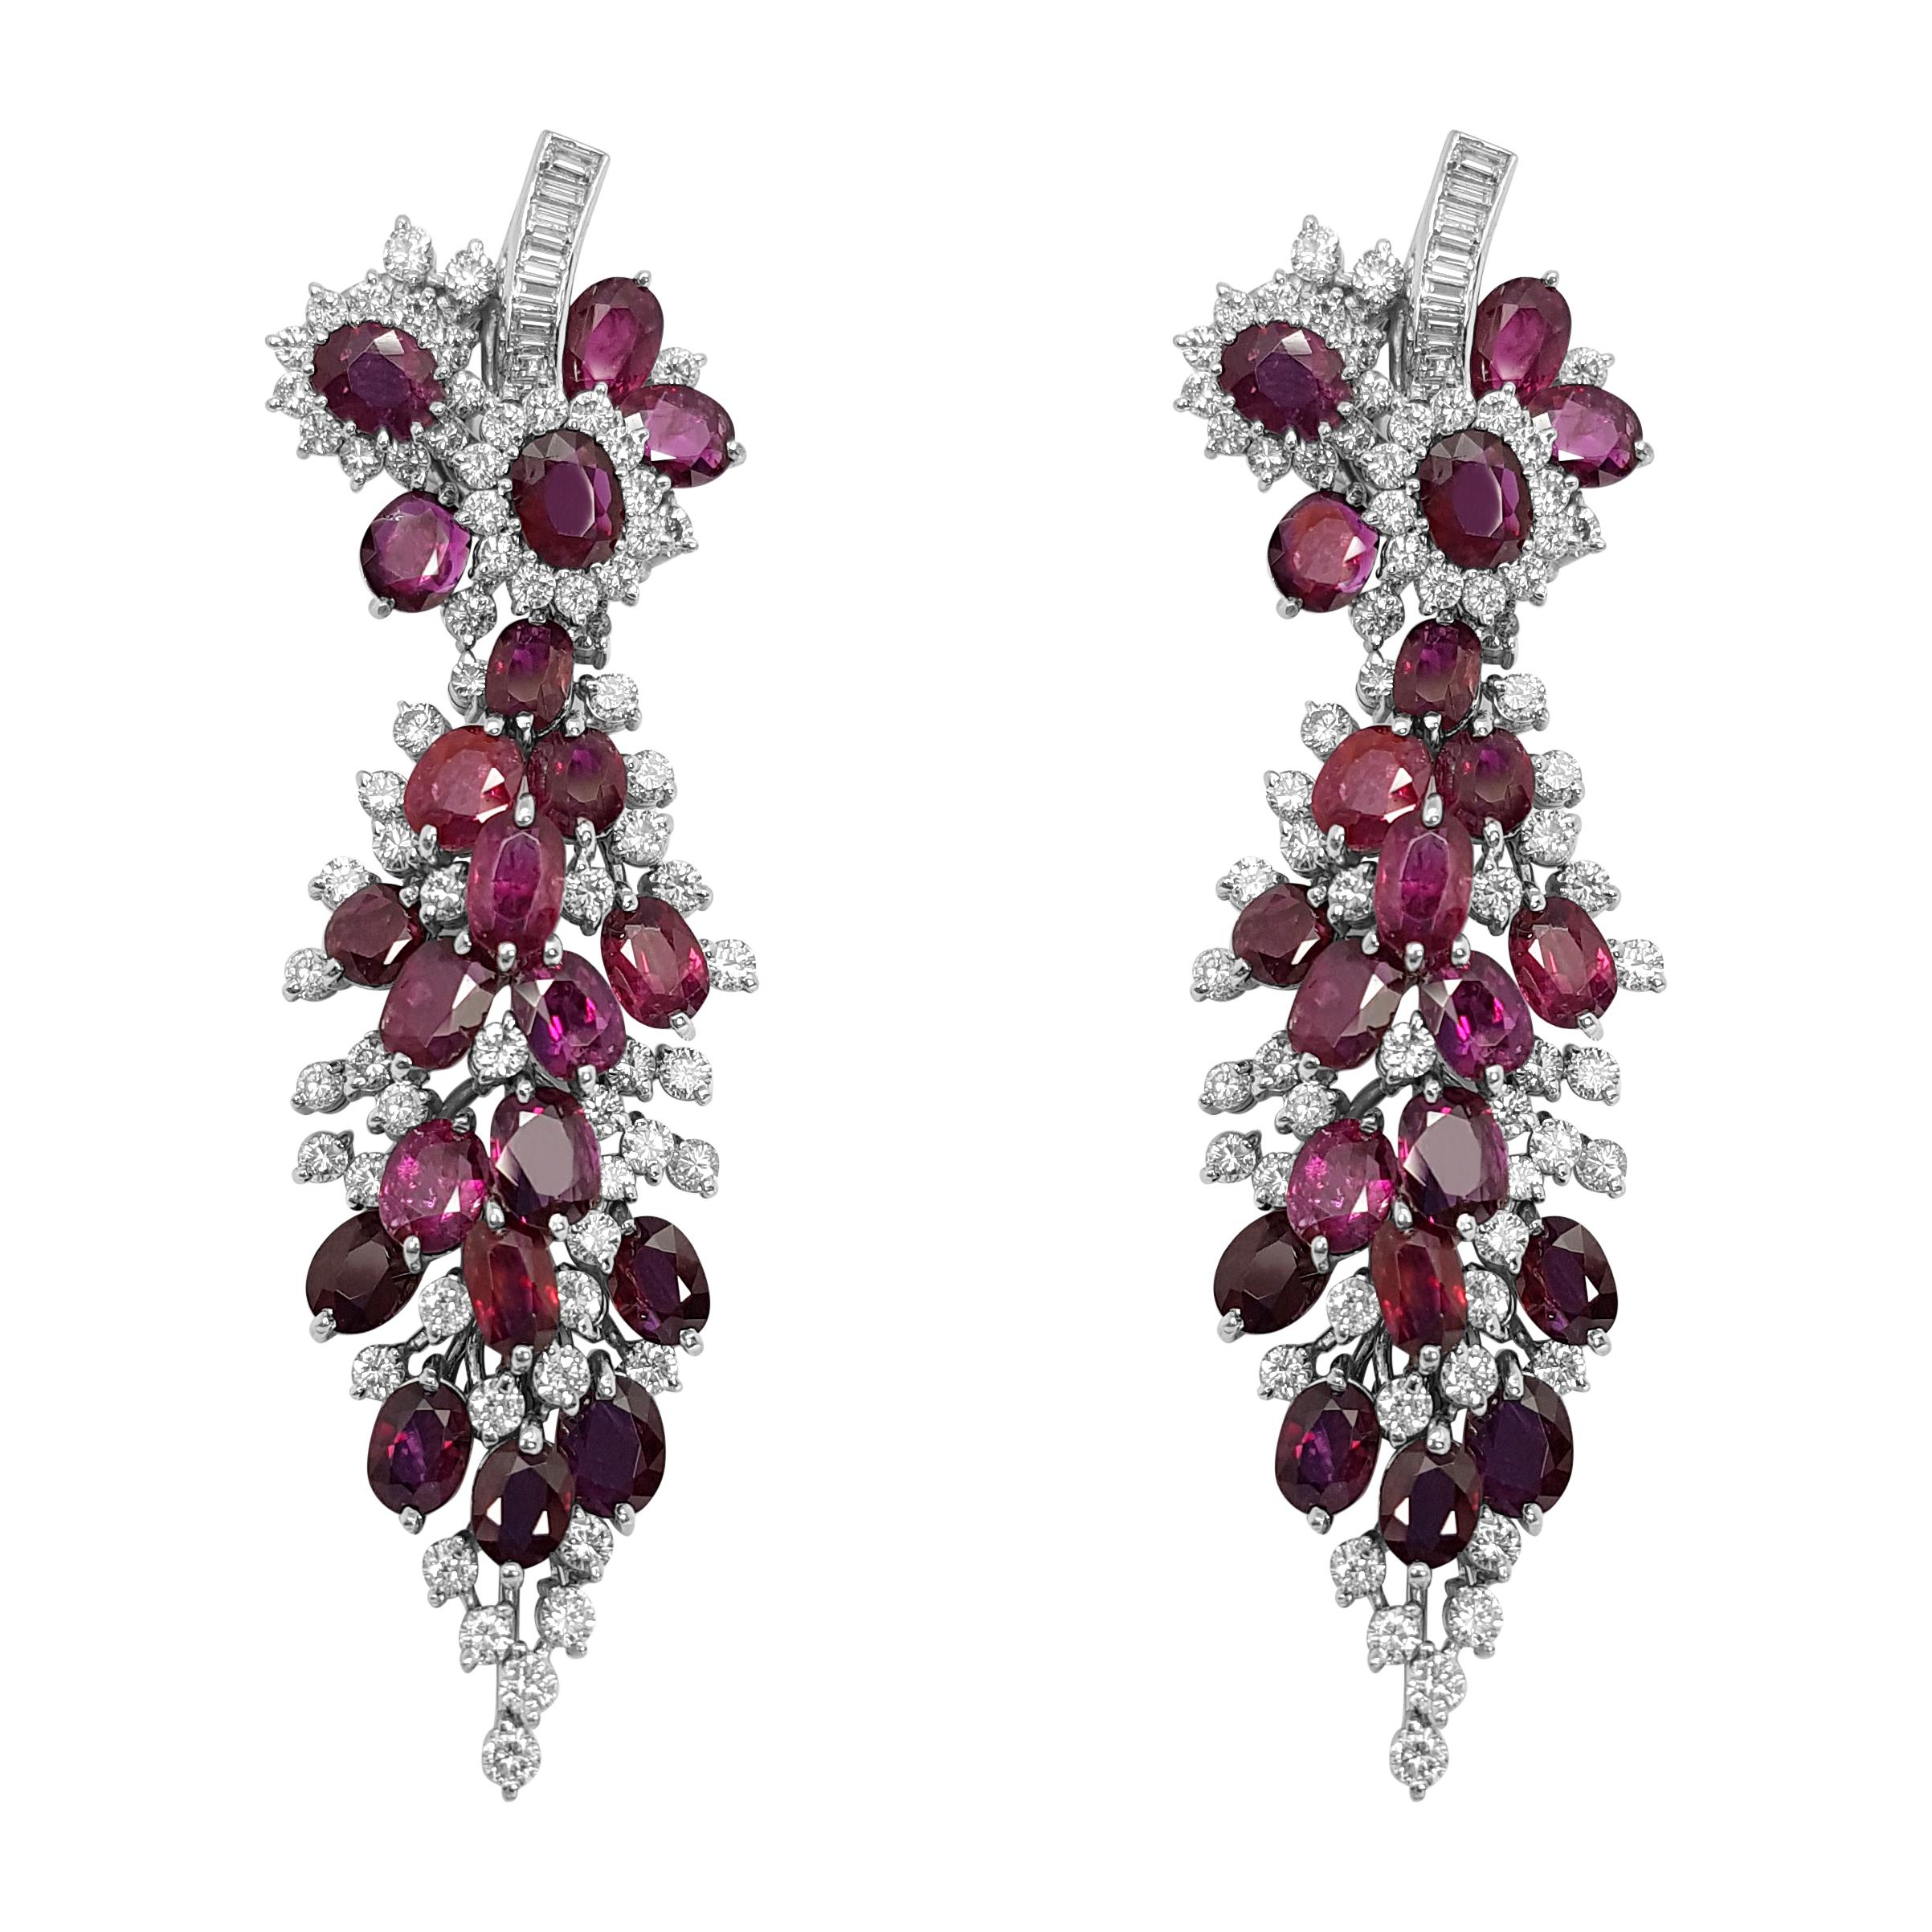 White Gold Diamond Ruby Earrings Pendant